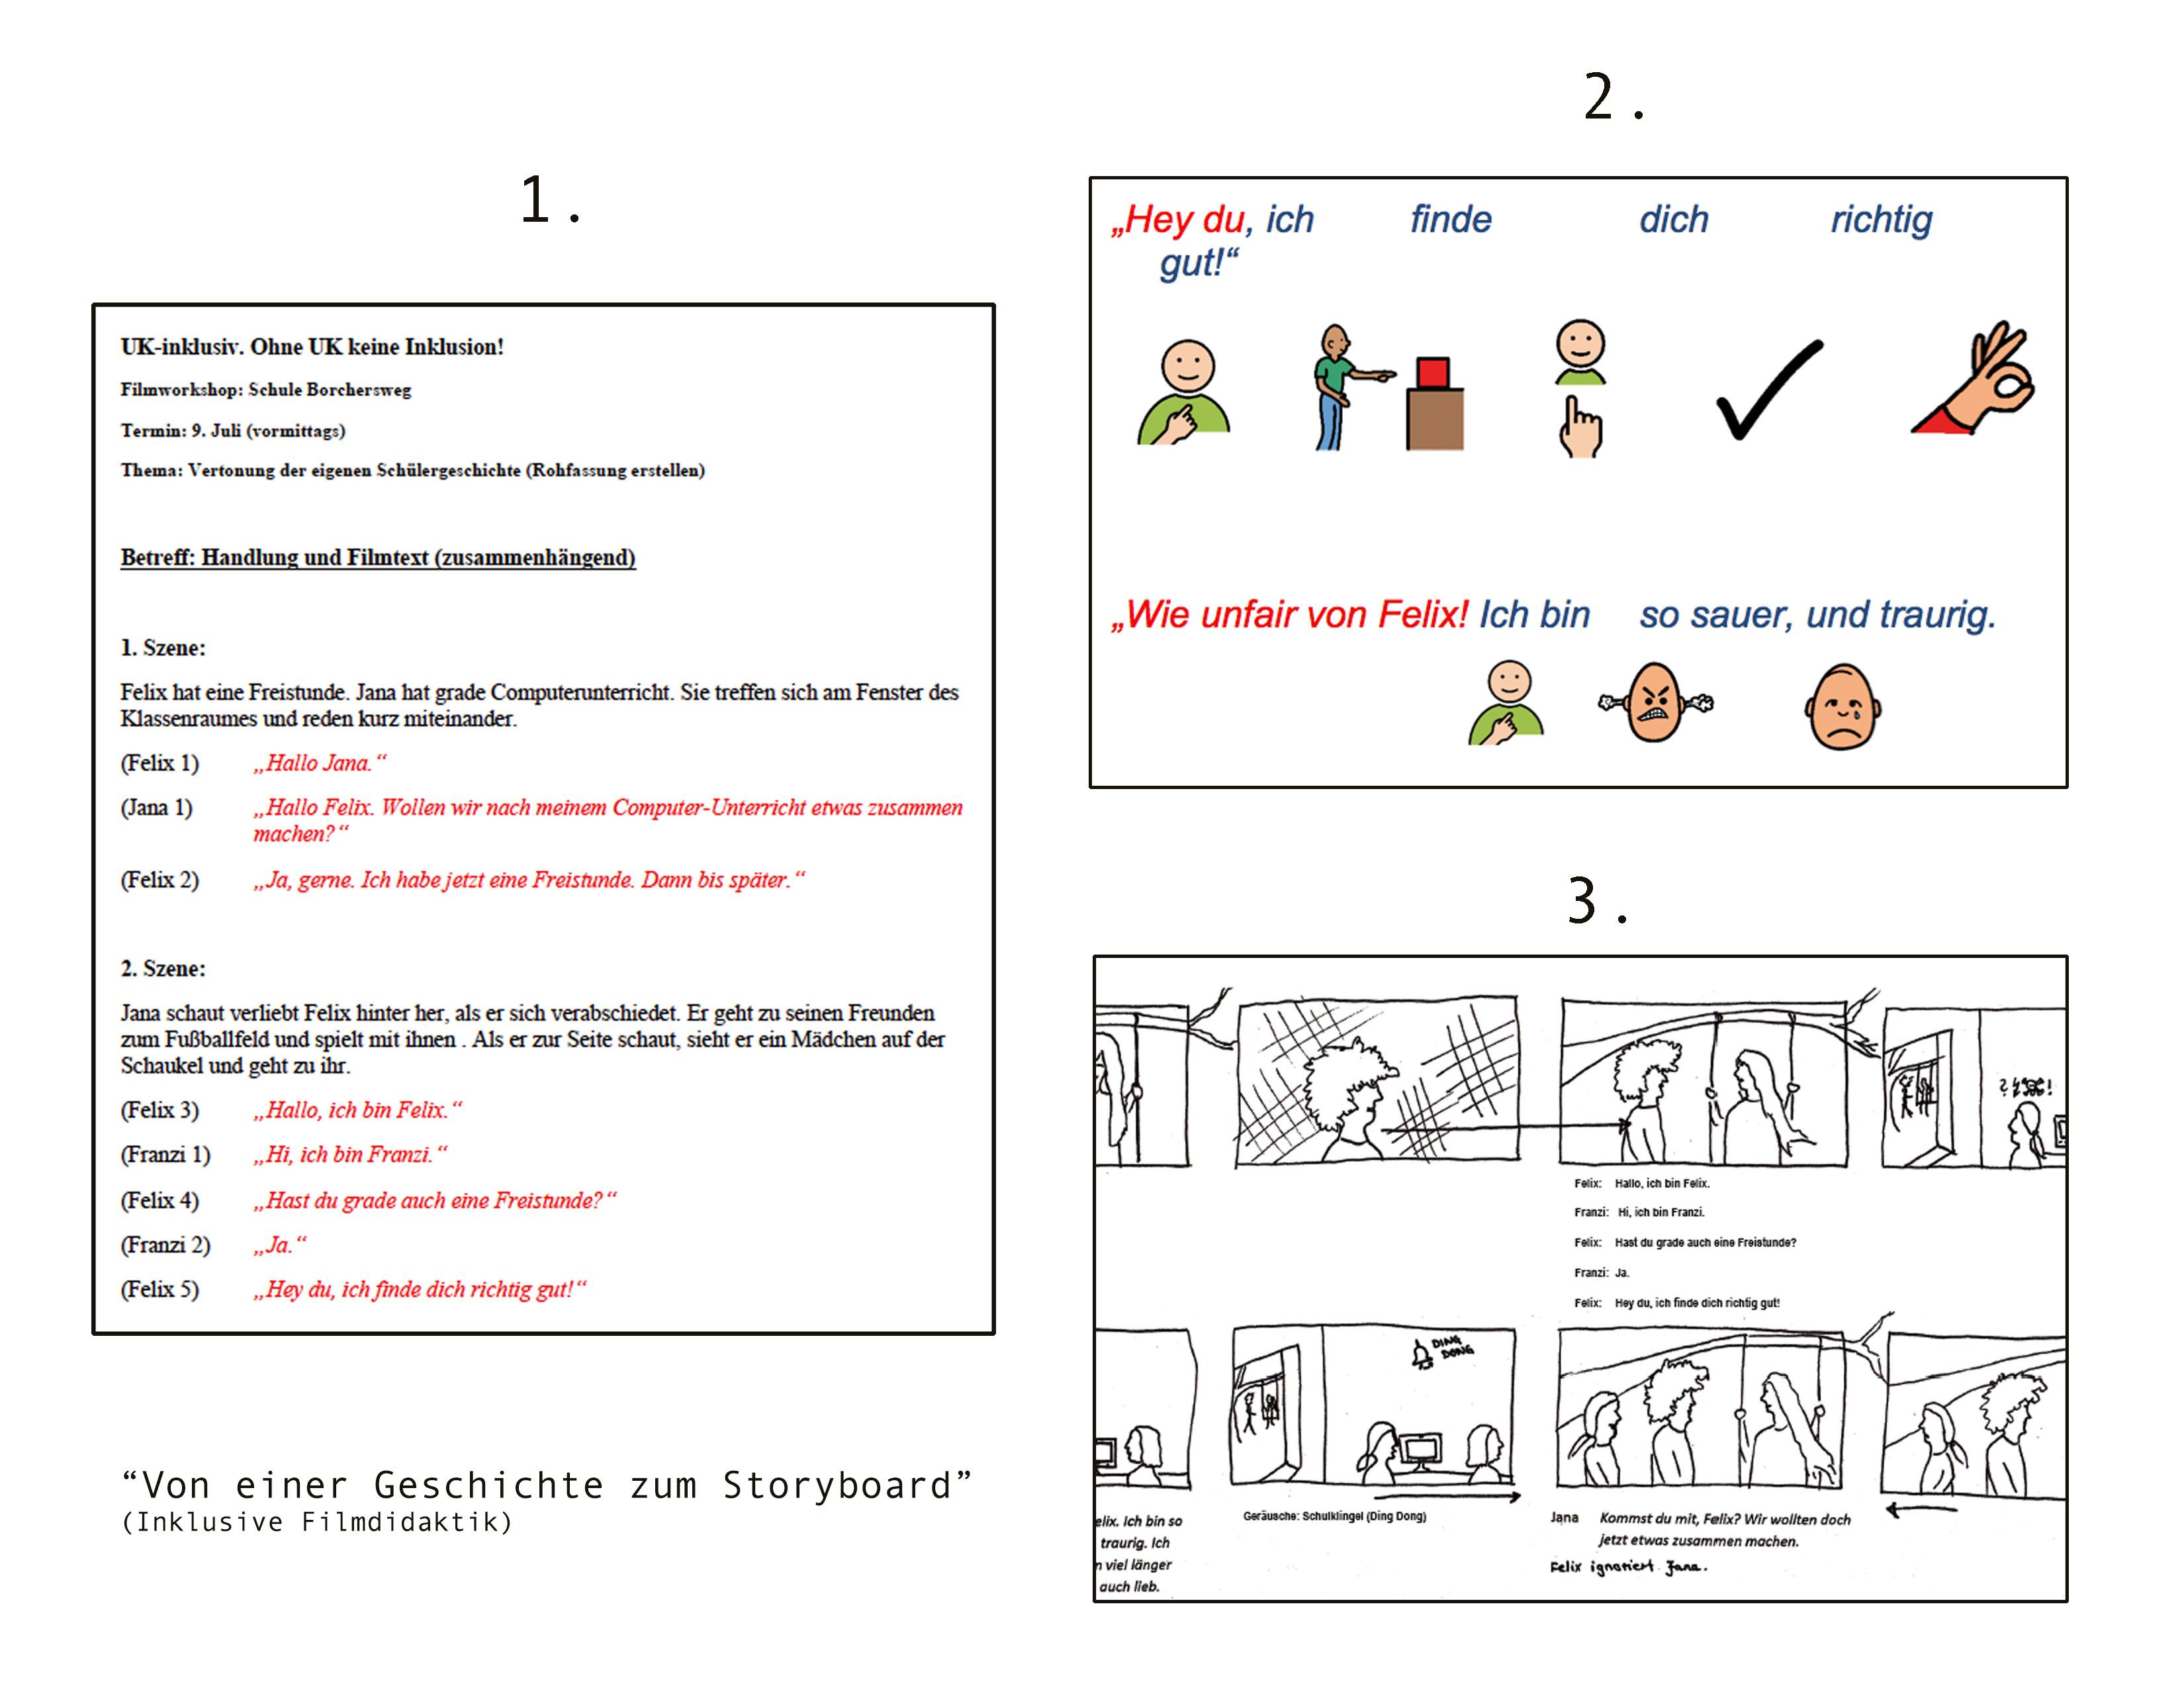 Prozess_Filmvermittlung